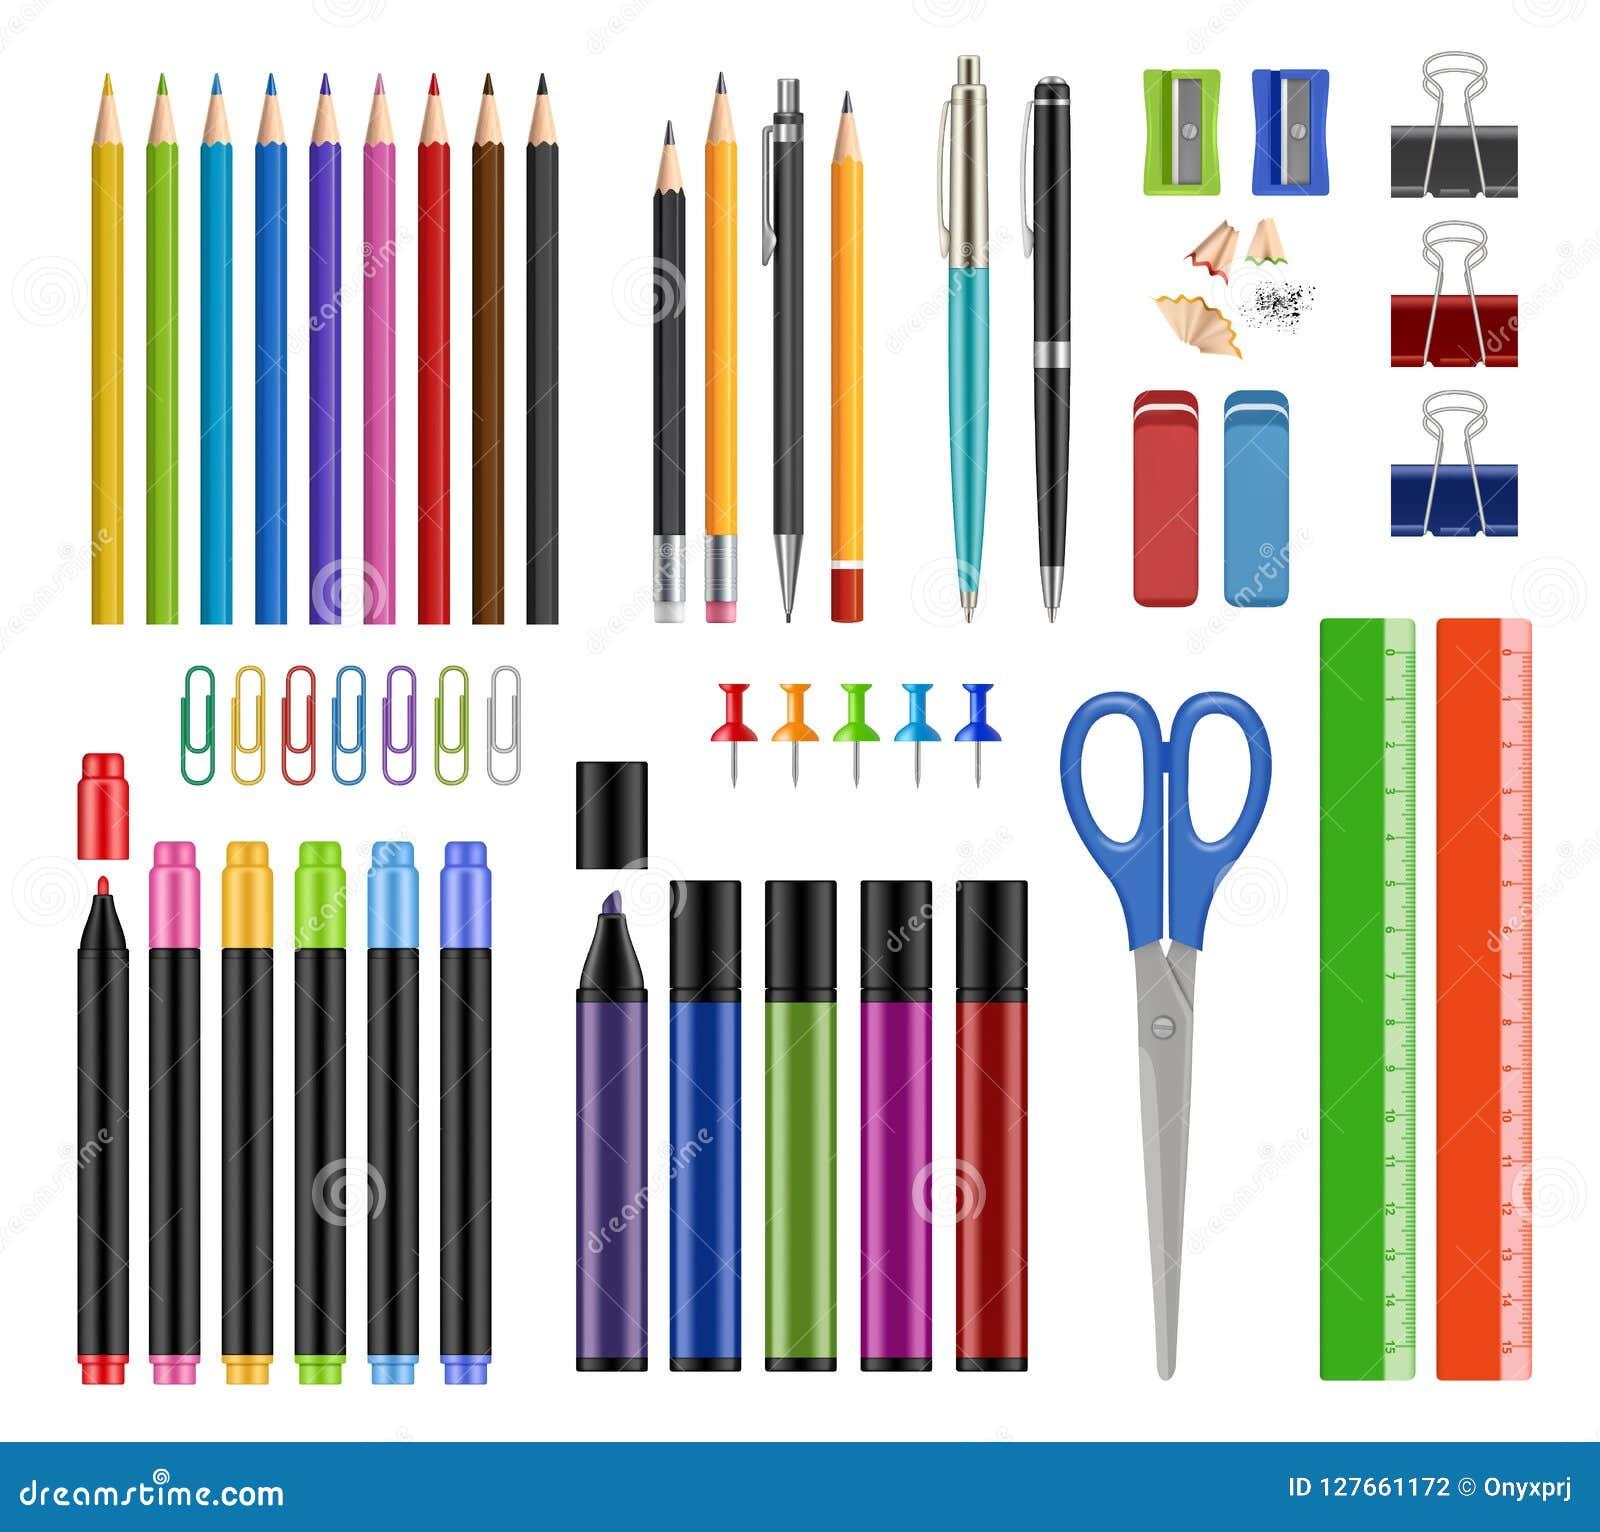 固定式收藏 笔铅笔削尖橡胶学校教育工具或办公用品项目导航现实